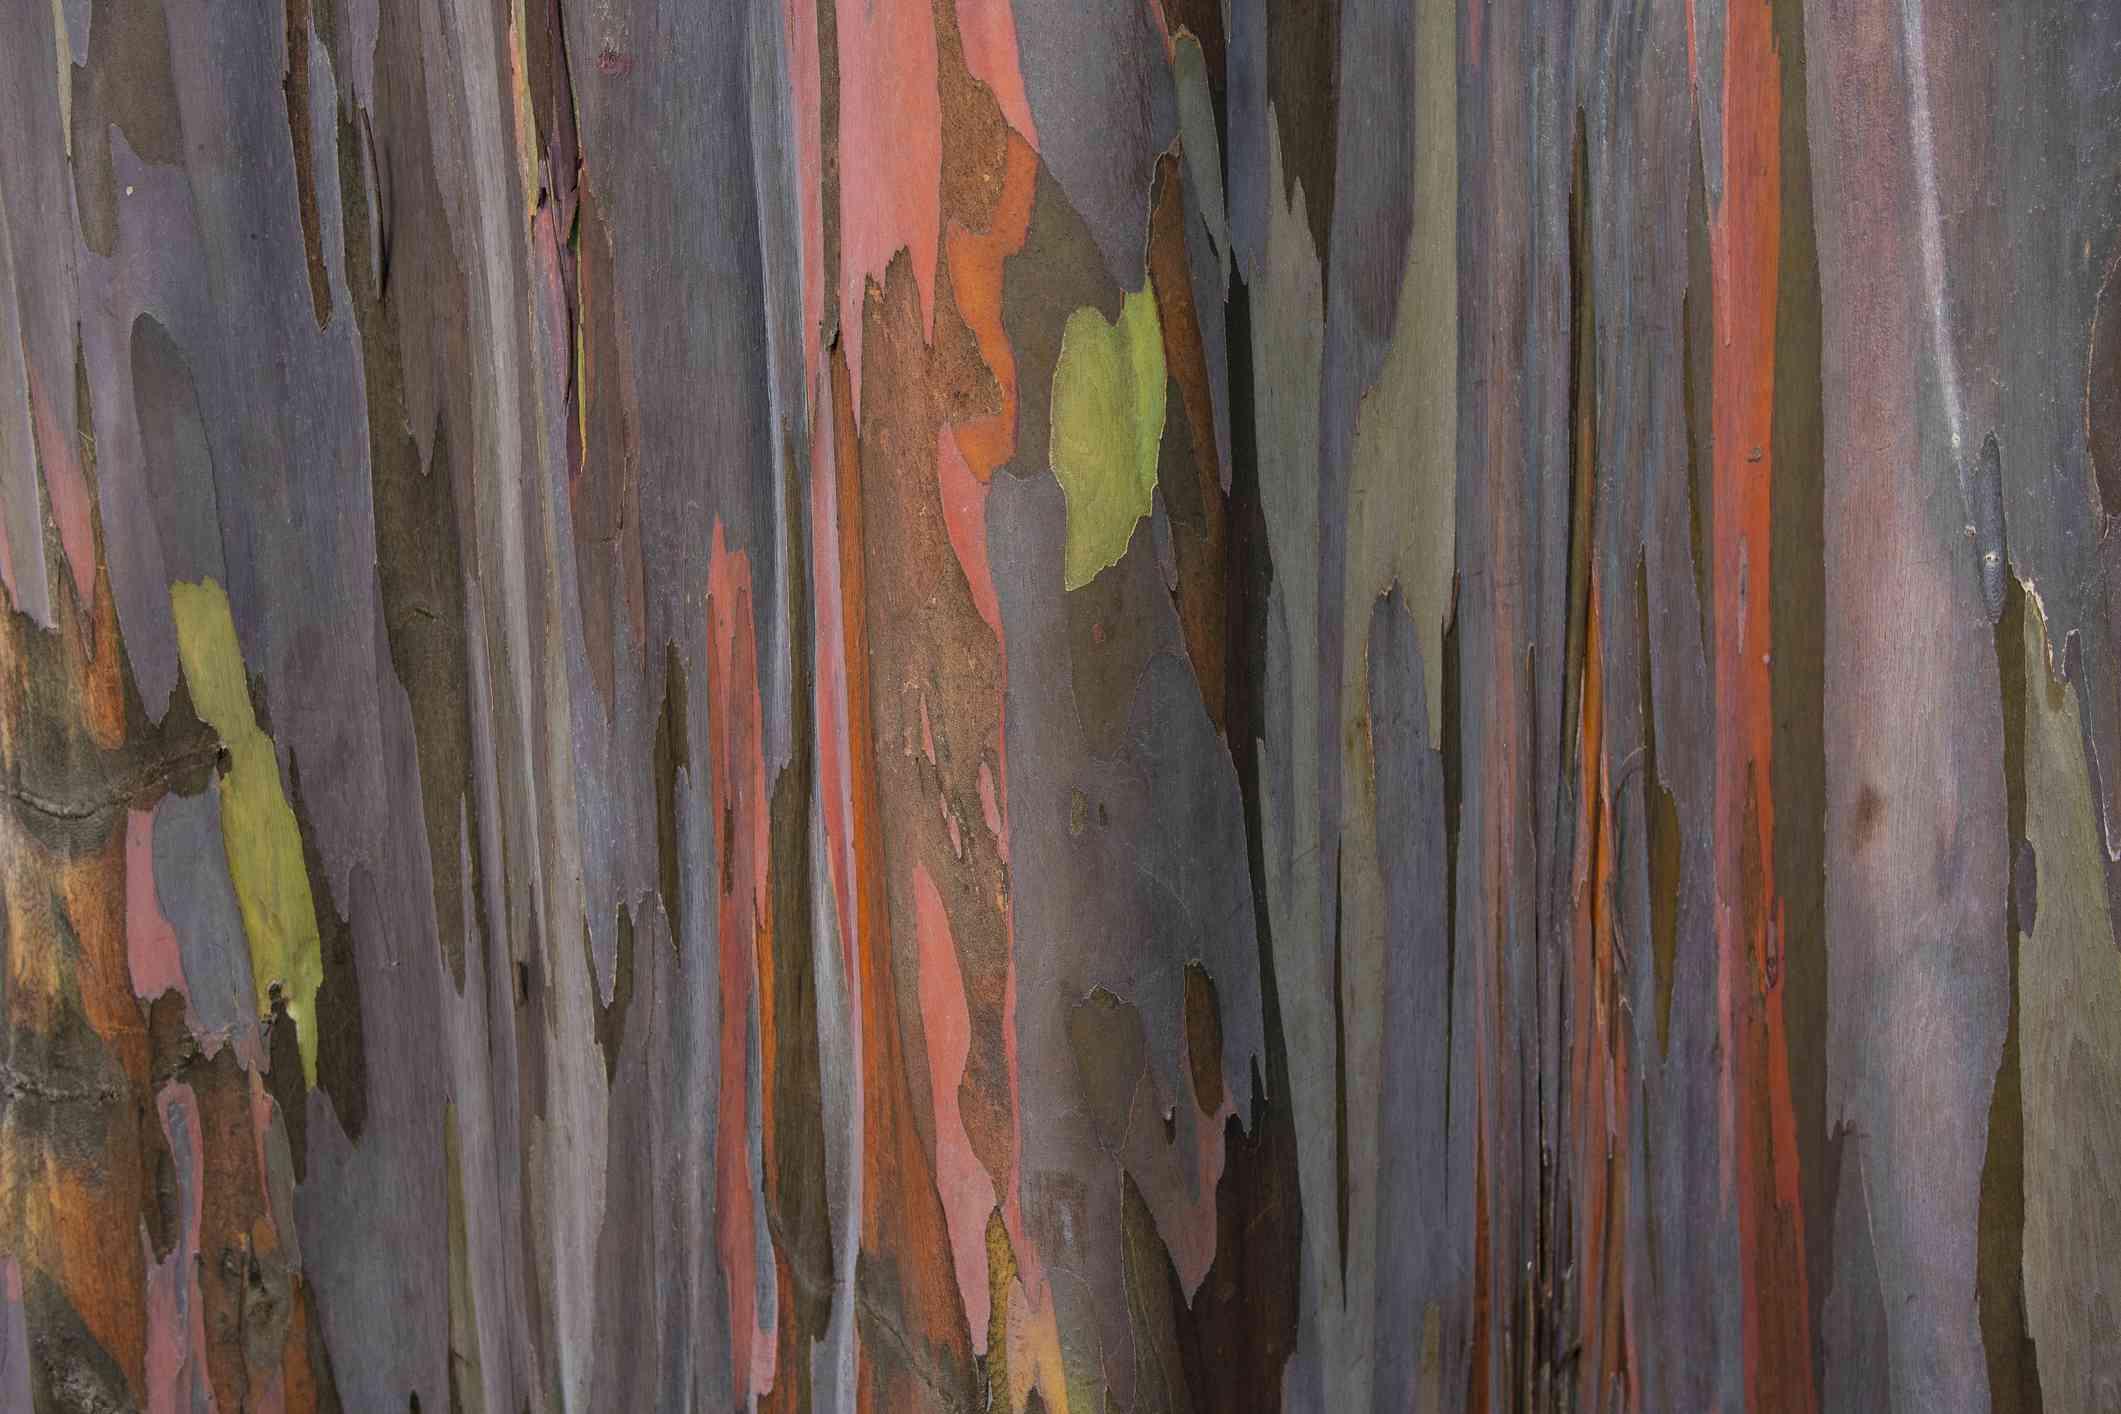 Rainbow Eucalyptus bark abstract